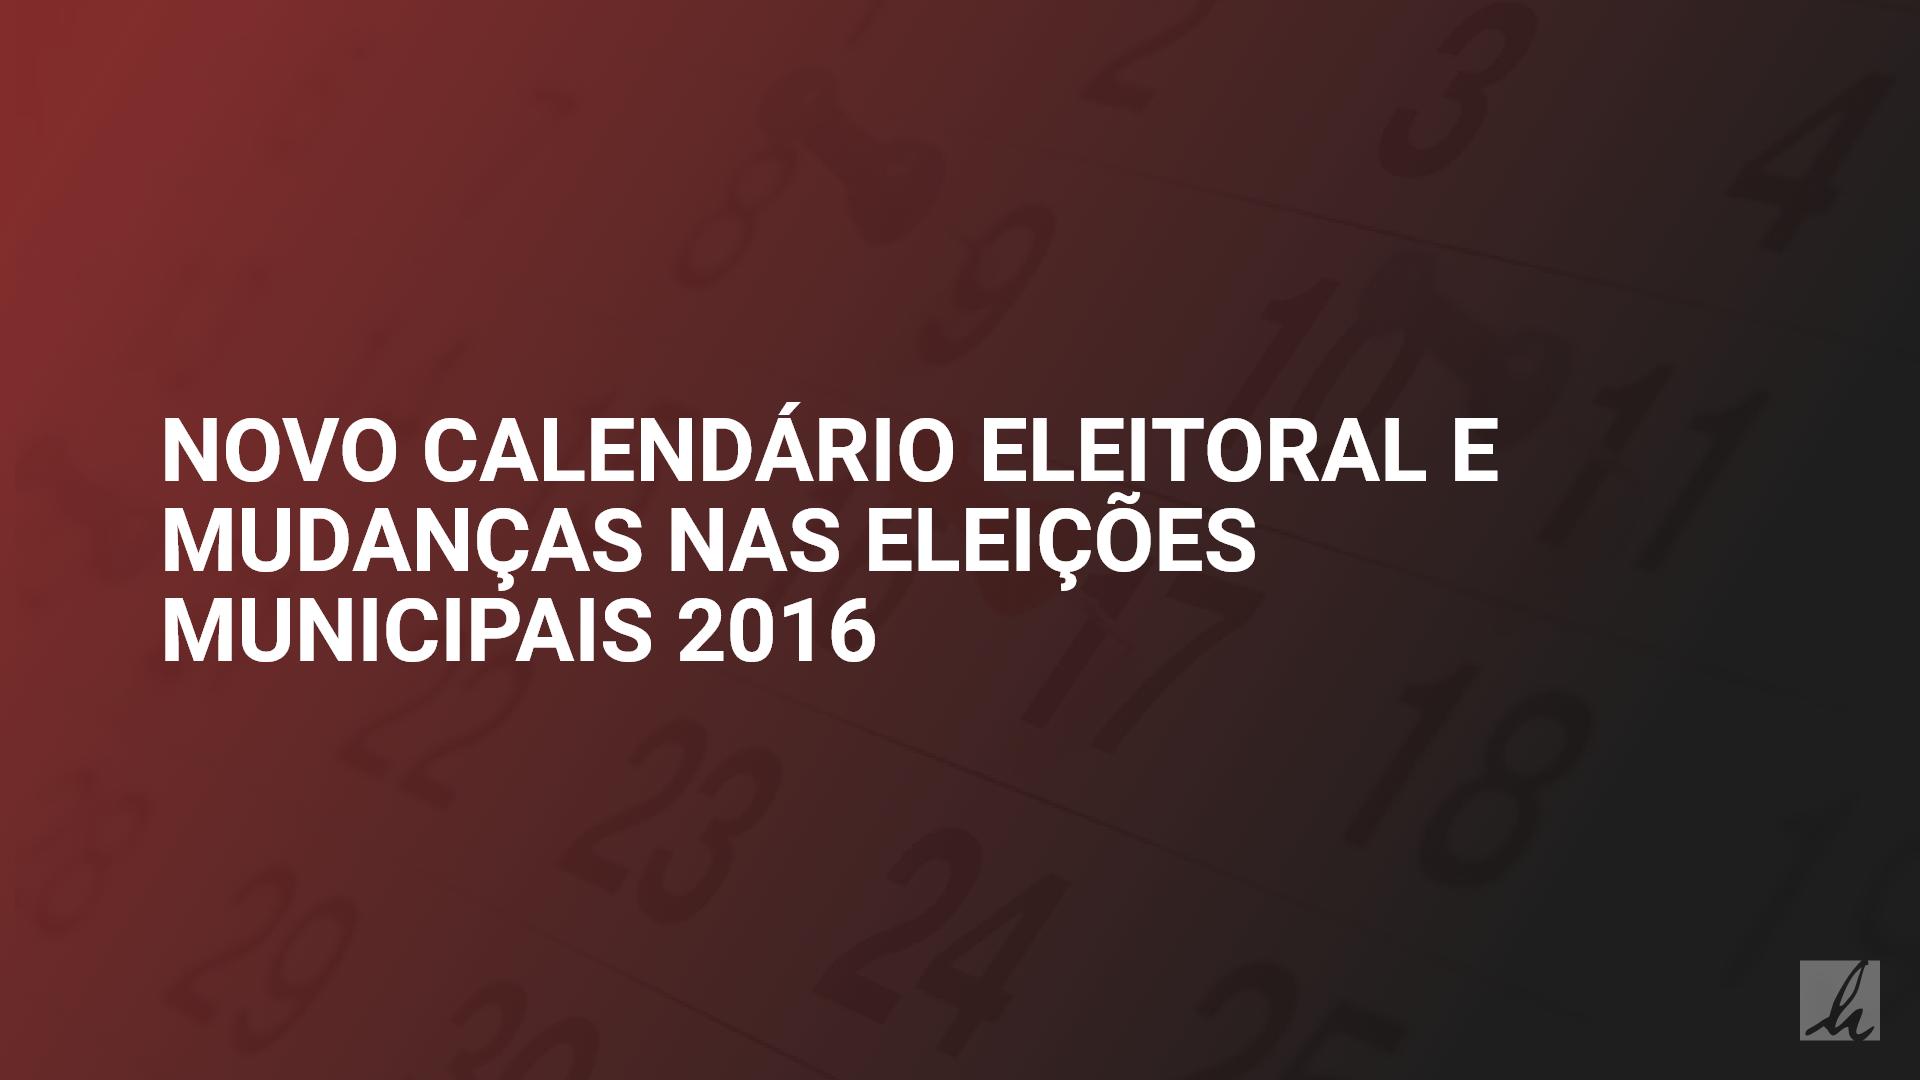 Novo calendário eleitoral e mudanças nas eleições municipais 2016